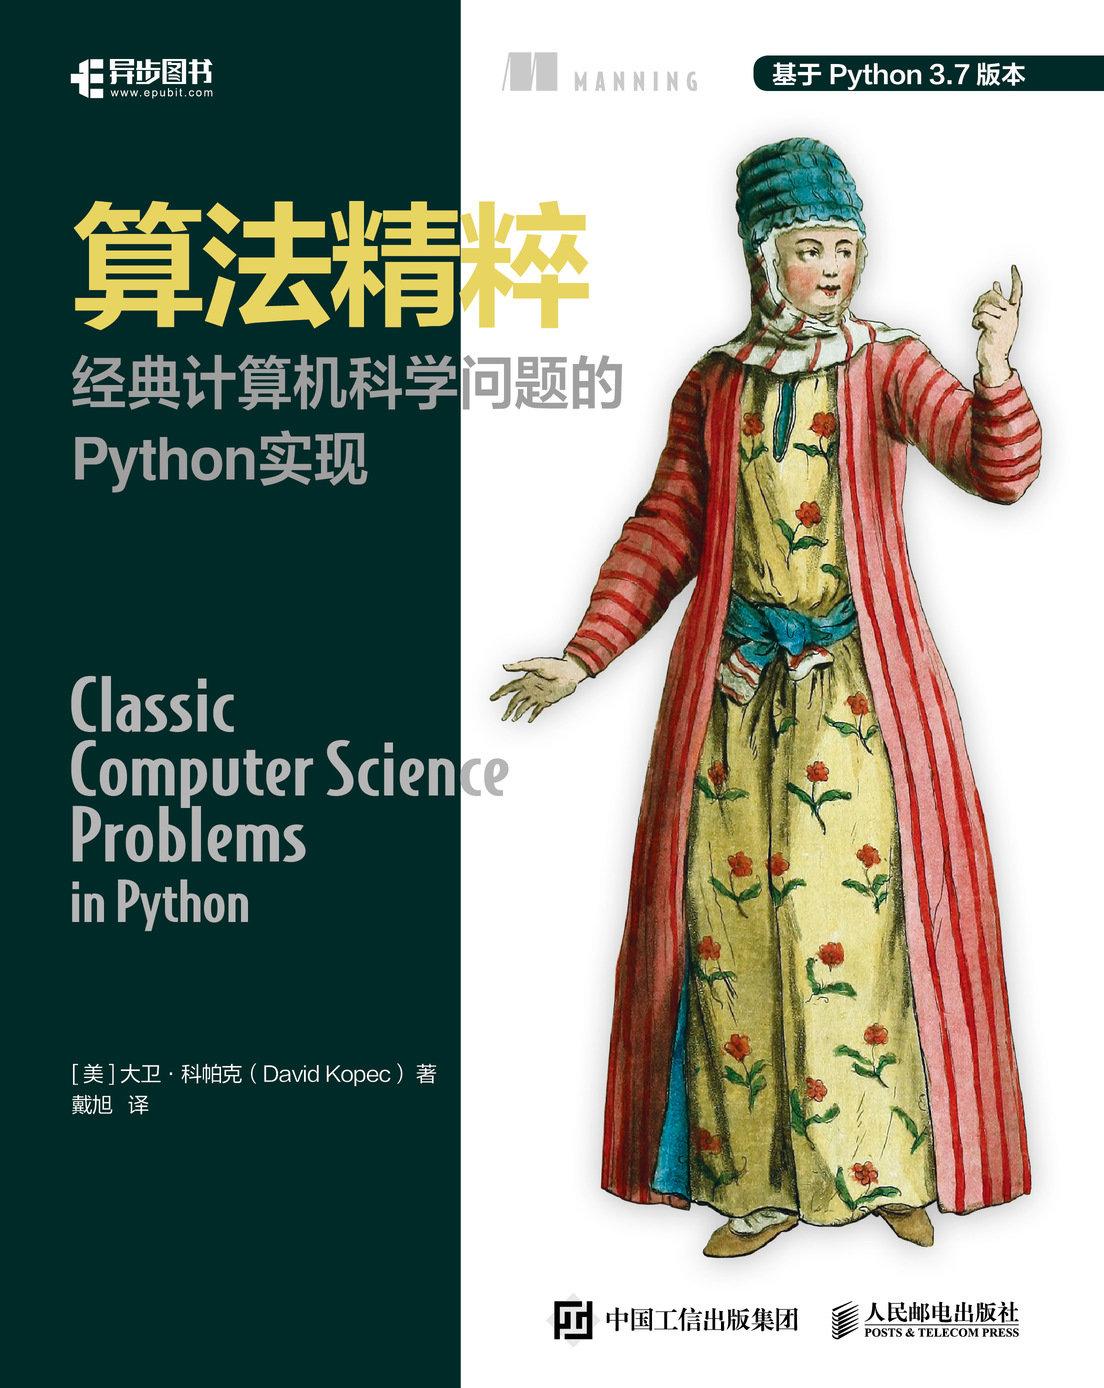 算法精粹 經典電腦科學問題的 Python 實現-preview-1